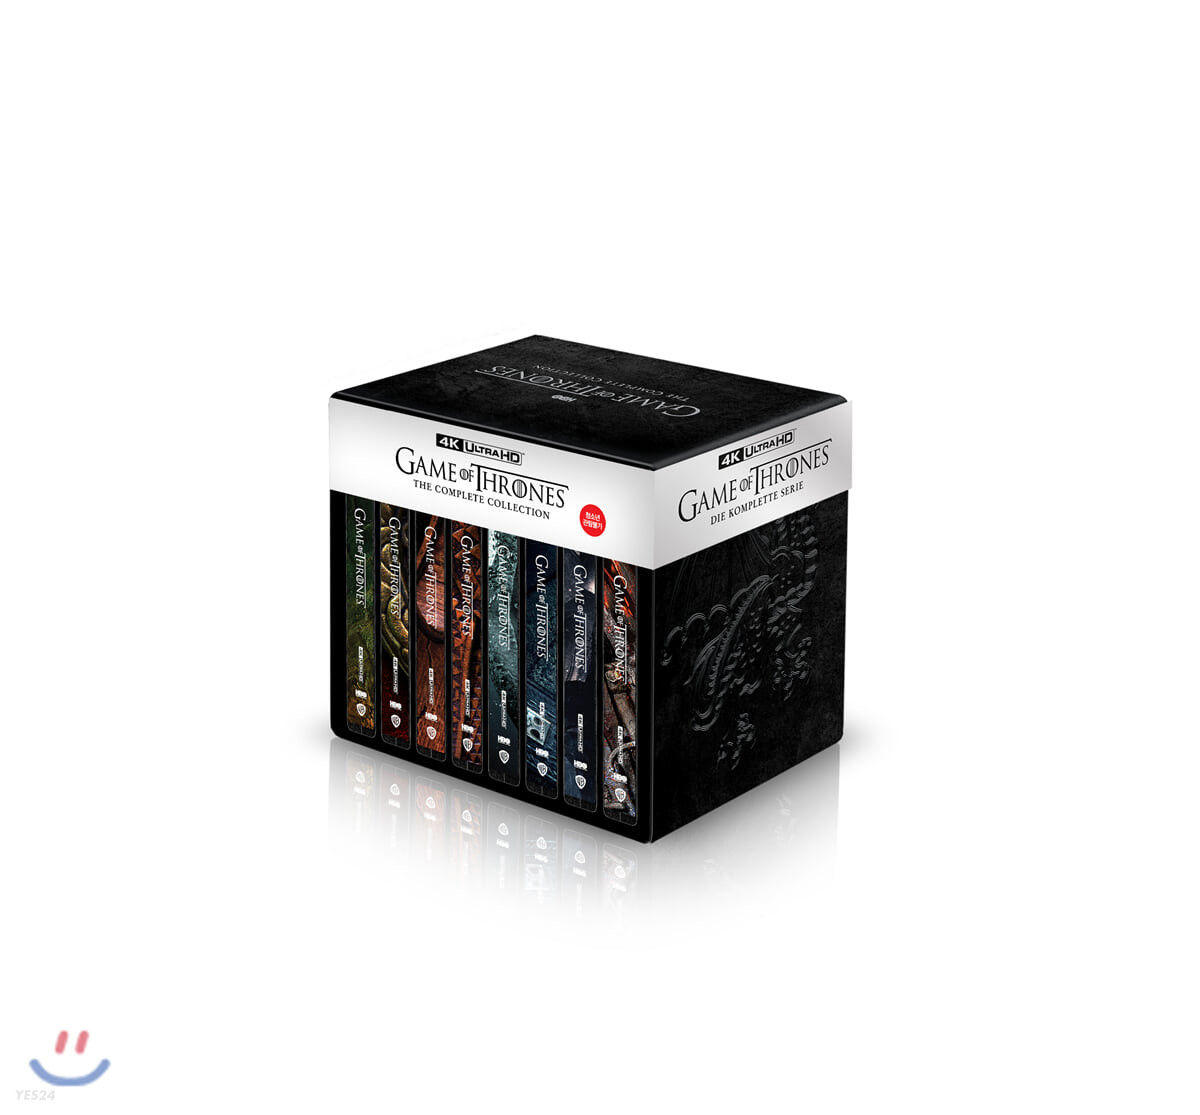 왕좌의 게임 컴플리트 콜렉션 (30Disc 4K UHD 스틸북) : 블루레이